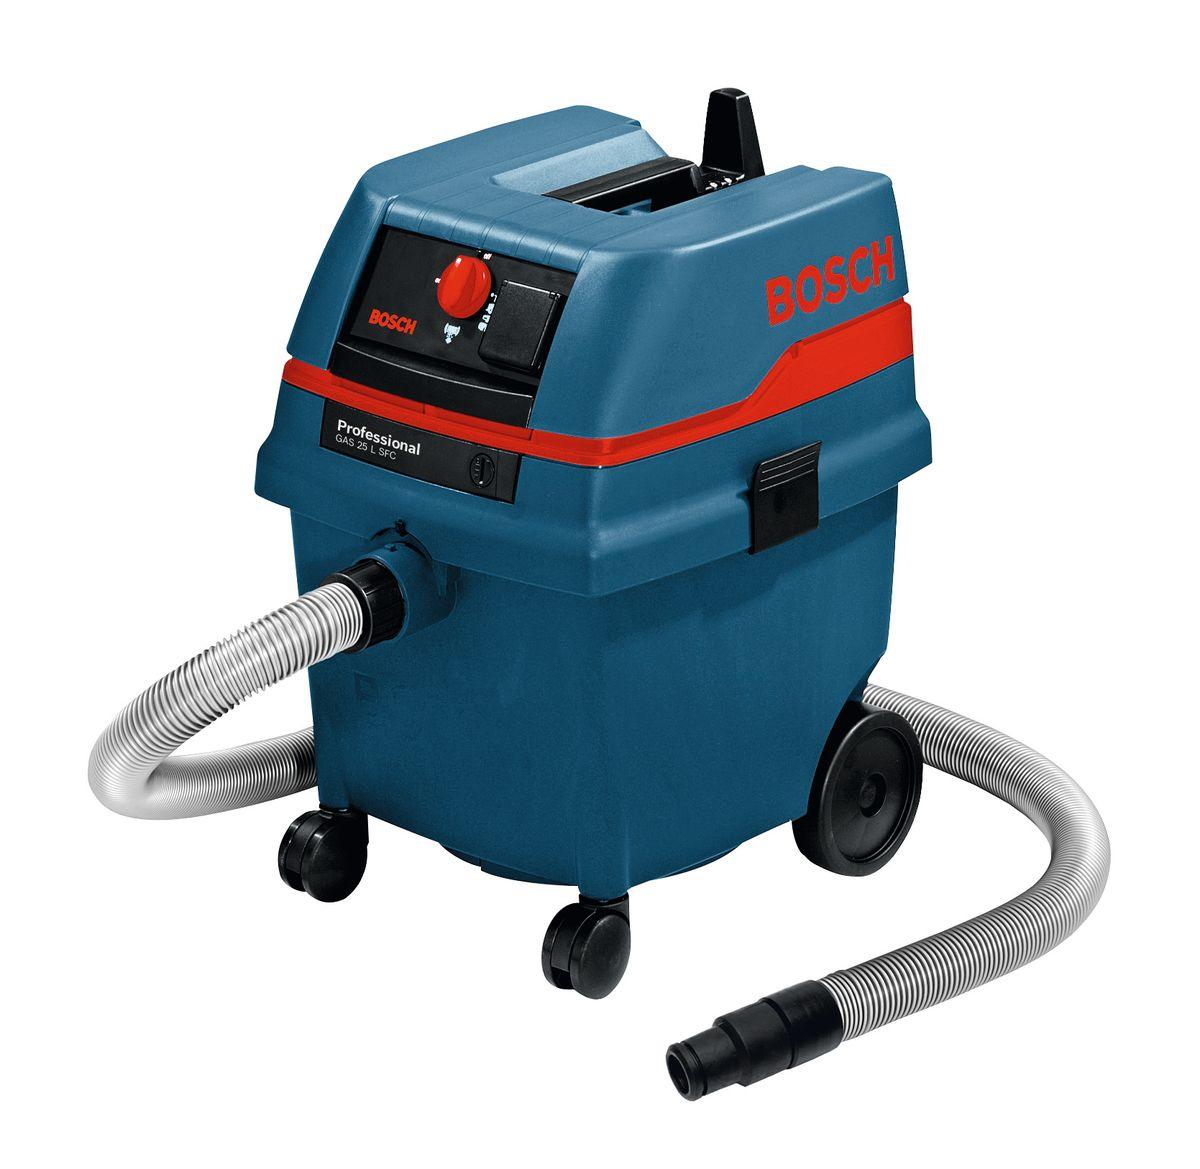 Пылесос Bosch GAS L SFC. 060197910398297065В комплект GAS 25 L SFC входит: Щелевая насадка 250 мм 2607000165 Насадка для крупного мусора 2607000170 Фильтр из полиэстера 2607432015 Ручка регулирования воздуха 2607000164 Бумажный мешок 2605411167 Шланг, 3 м, O 35 мм 2609390392 Универсальная насадка 1609390478 2 всасывающие трубки 0,5 м, O 35 мм, 2607000162